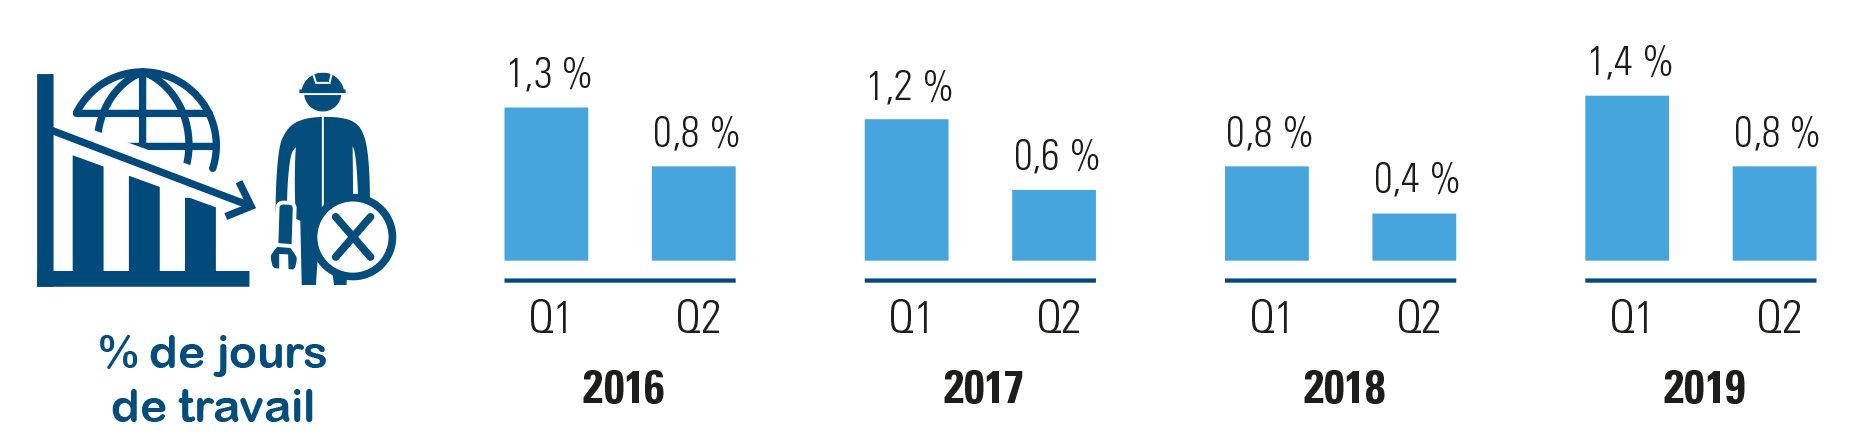 Chômage économique temporaire chez les ouvriers en 2019 vs en 2016-2017-2018